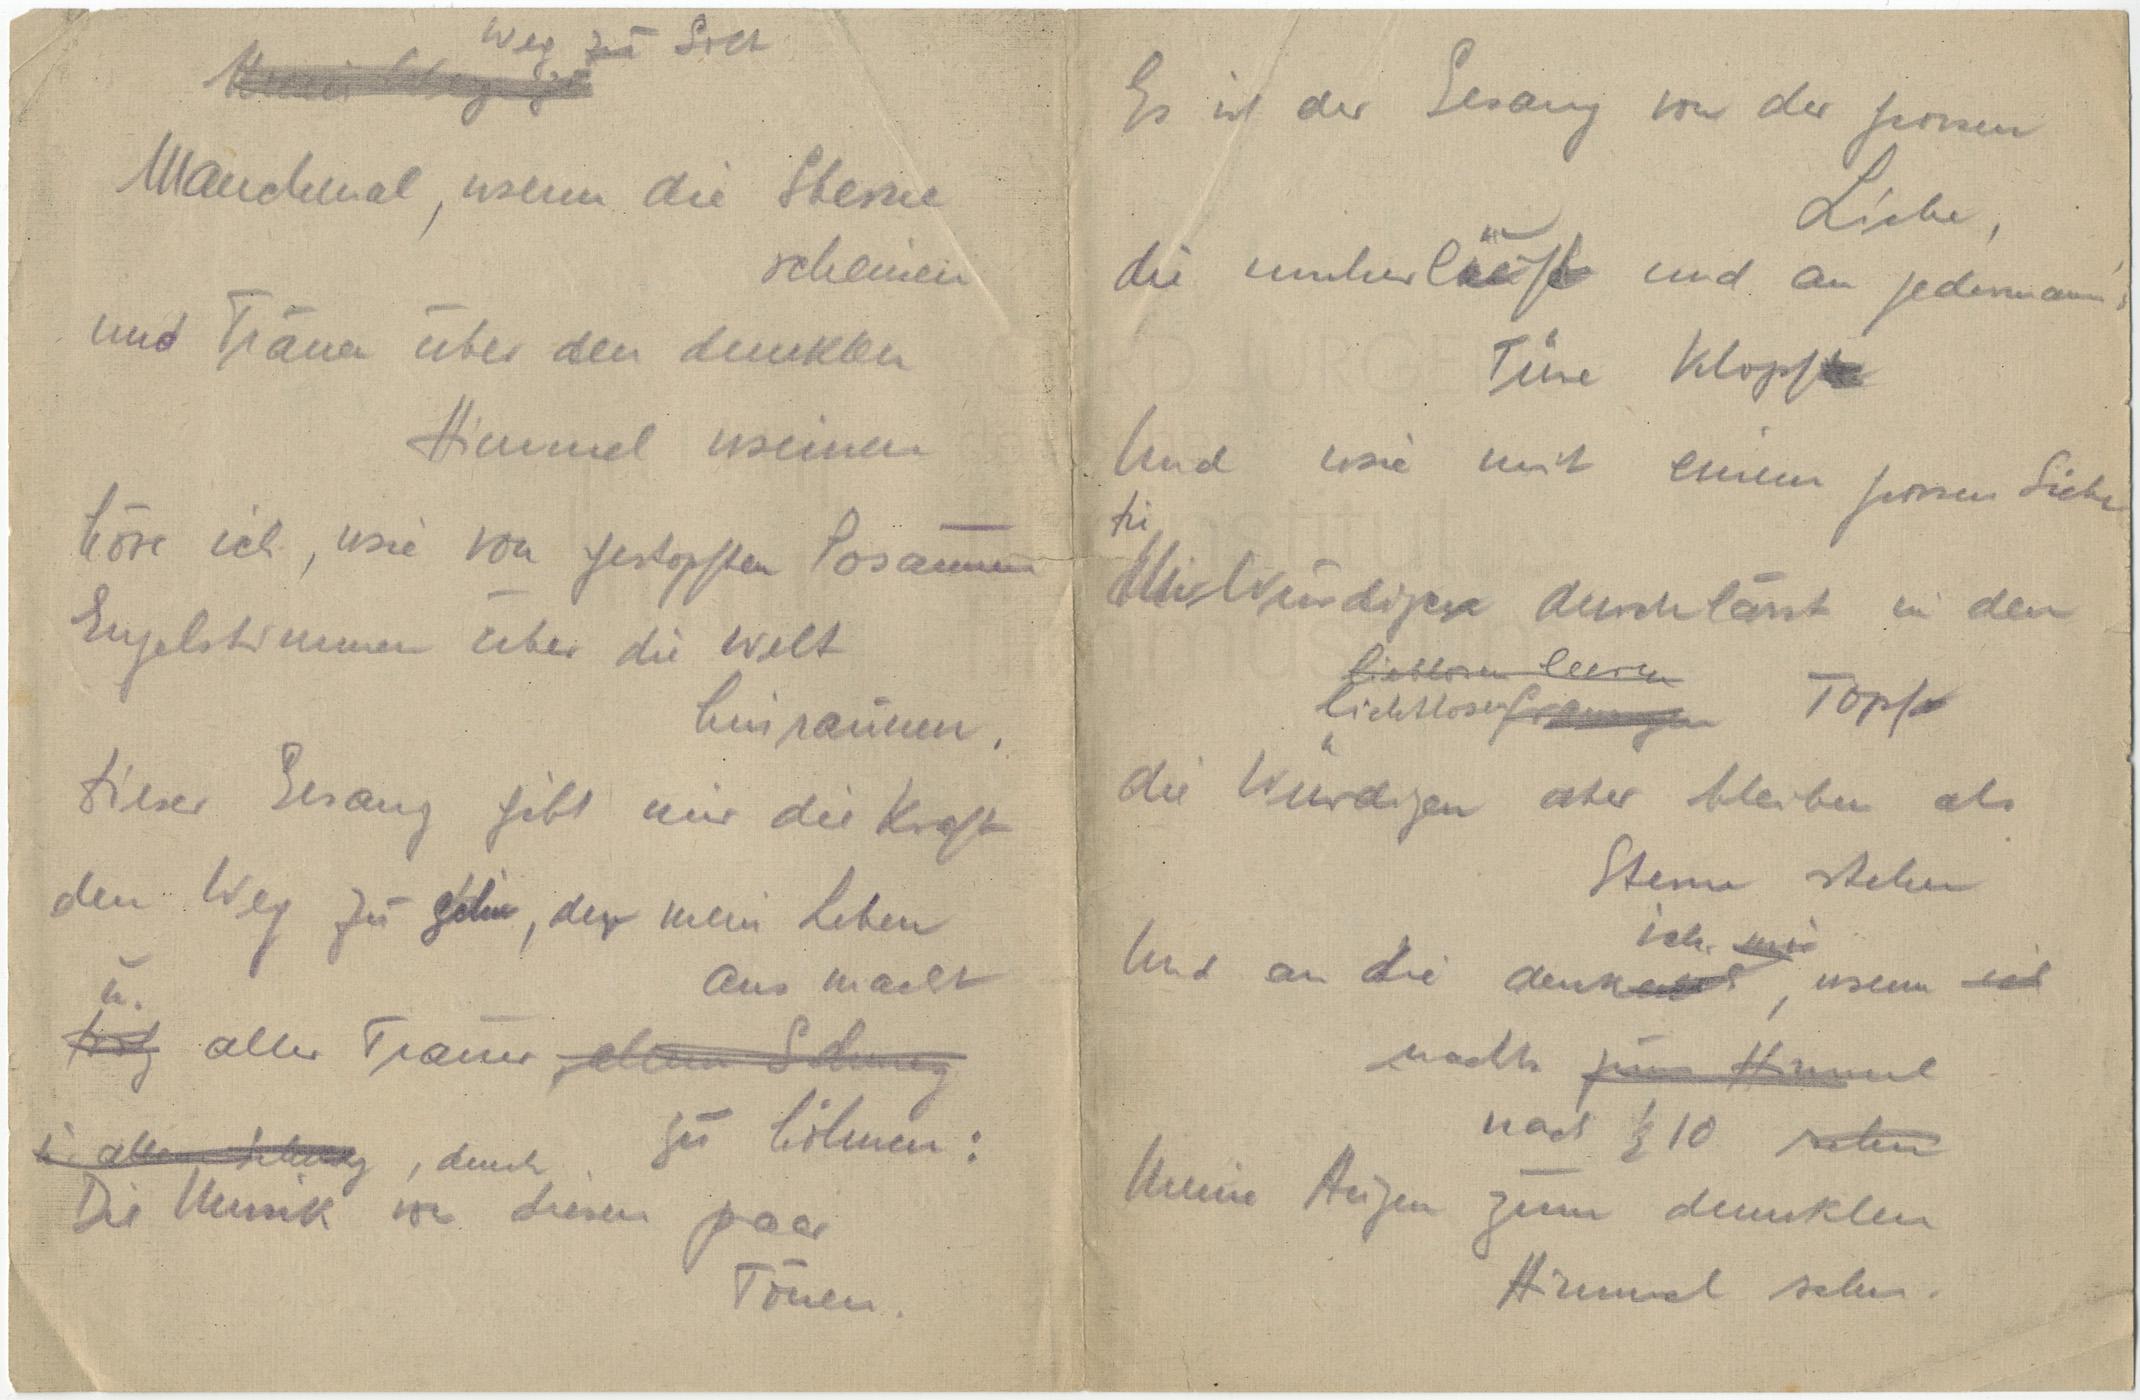 """Persönliche Aufzeichnungen """"Weg zu Gott"""", 8.2.1941"""